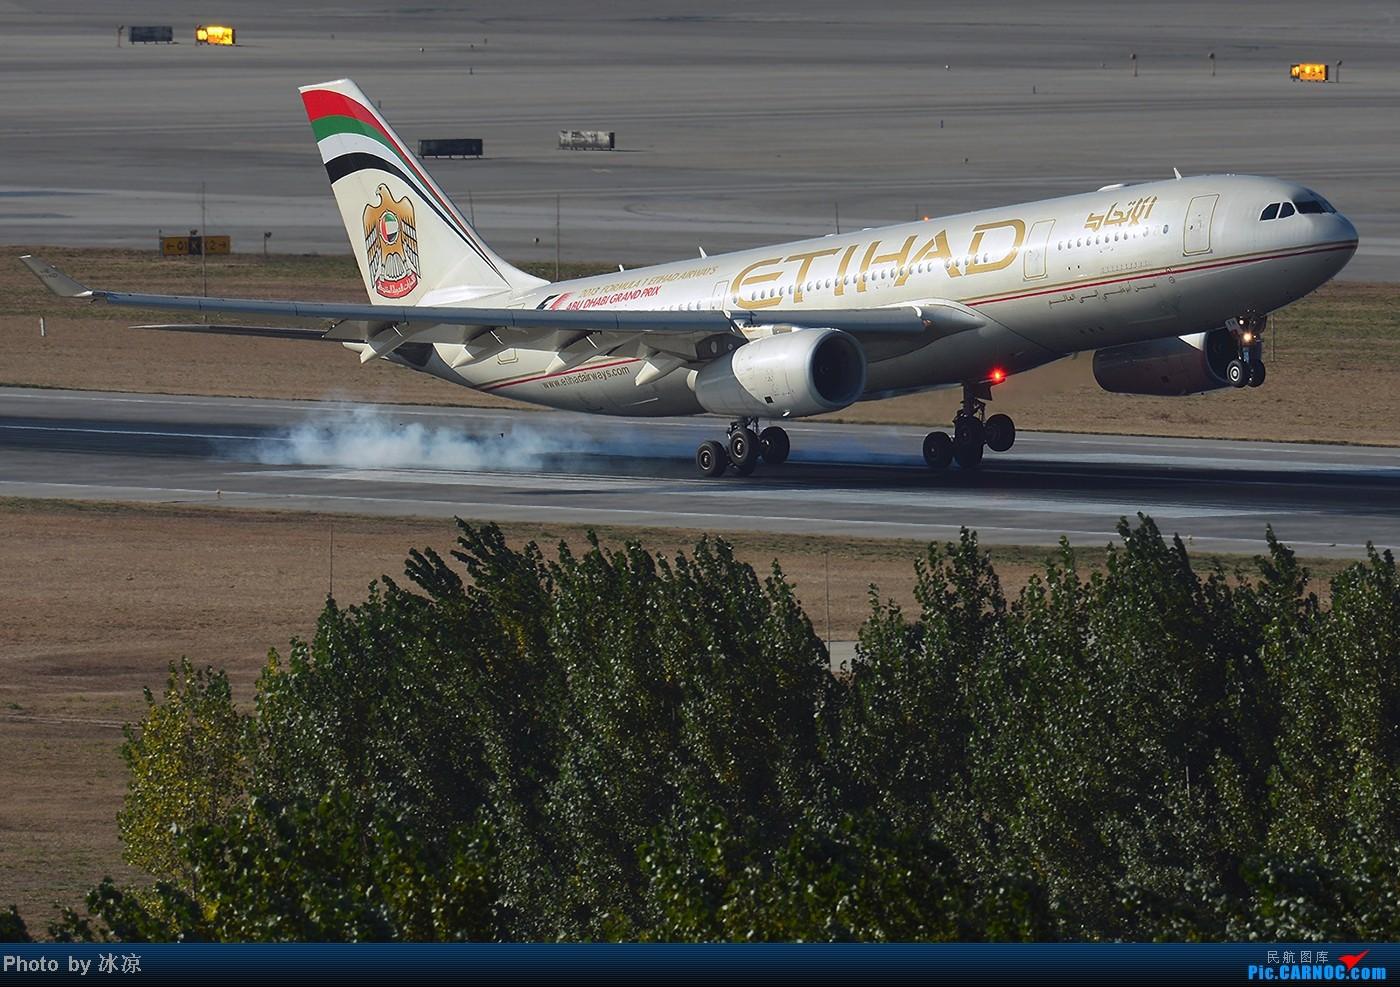 [原创]屌丝拍机:土豪,我们做朋友吧!~红灯闪闪耀人眼,你的金色让人迷    中国北京首都机场